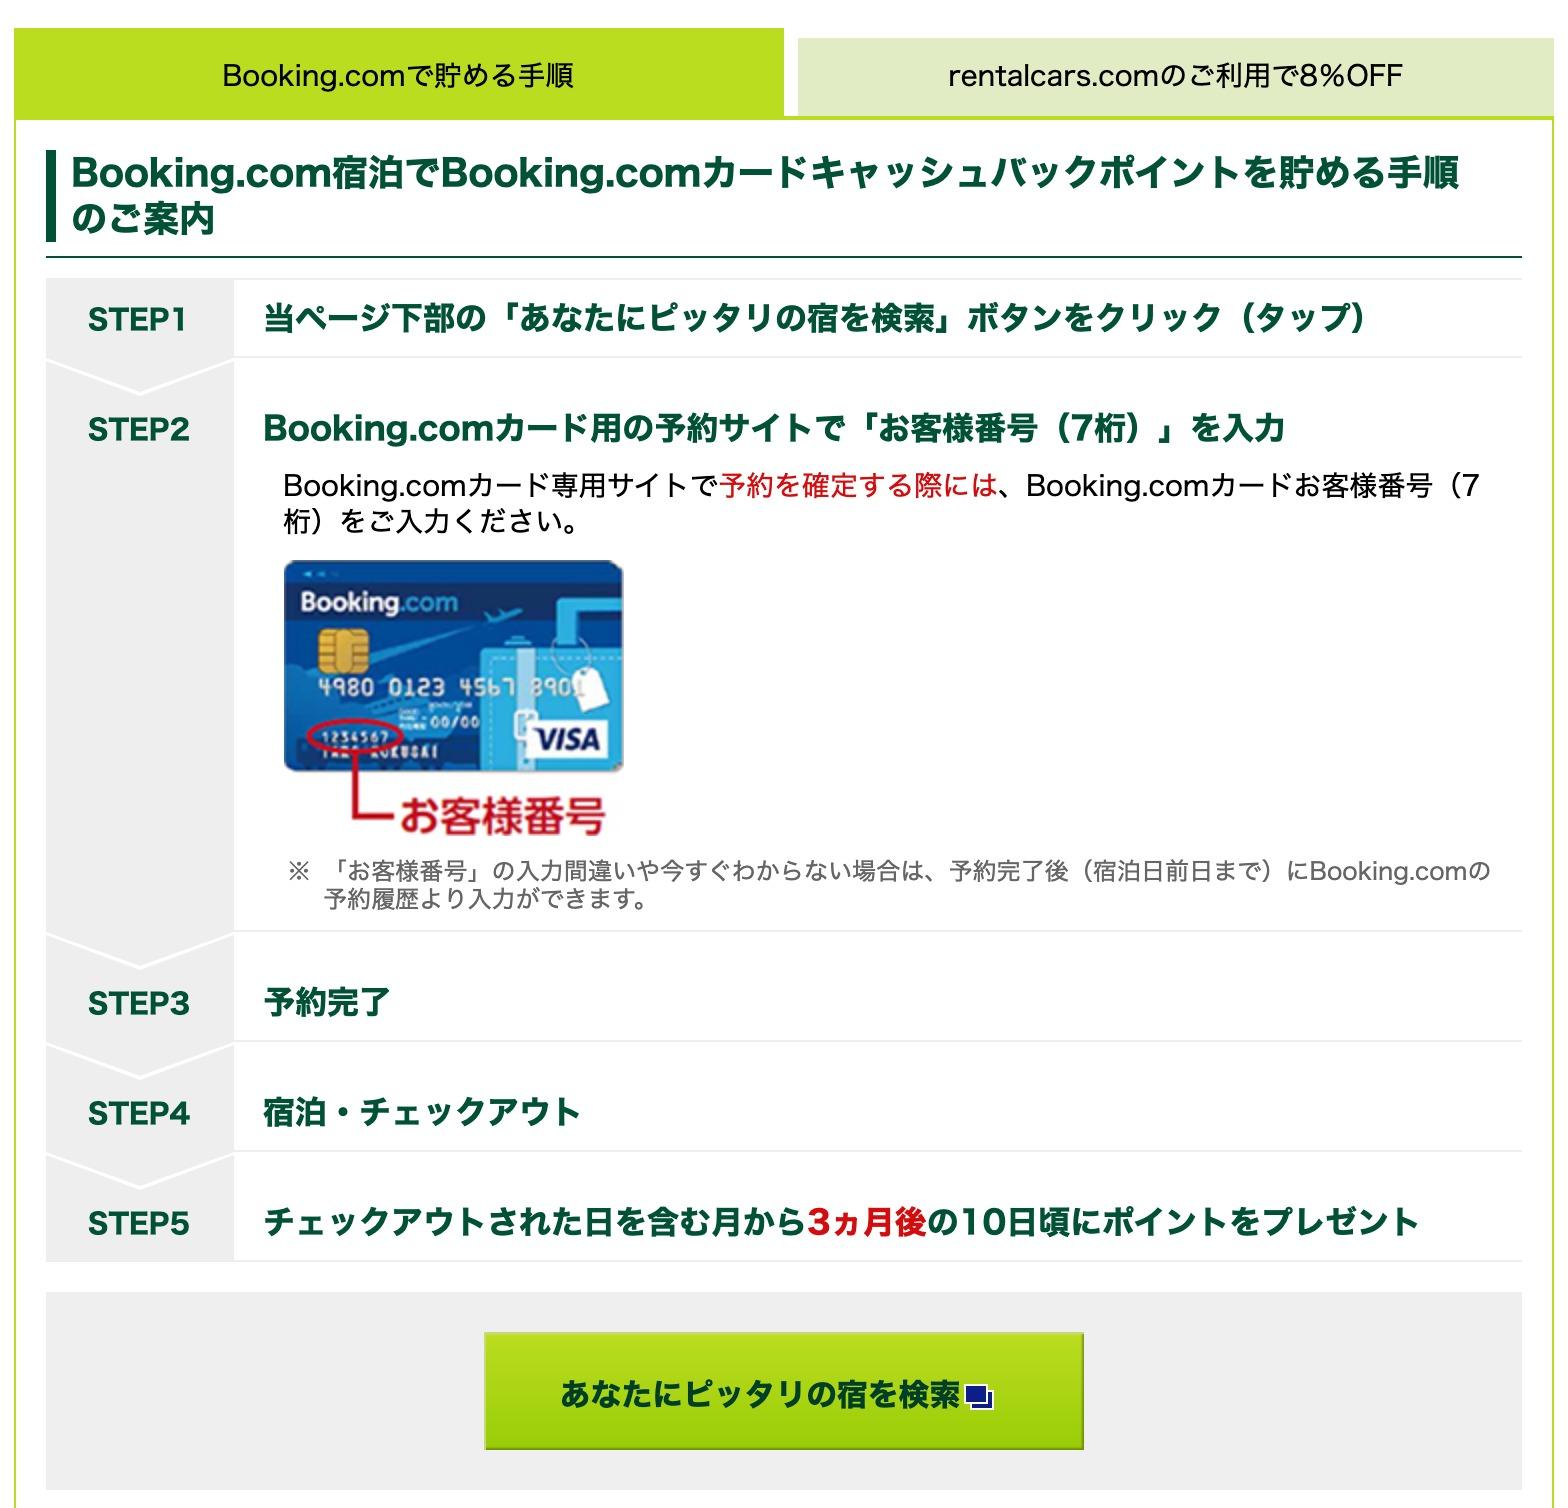 Booking.comカード Vpass Booking.comカード専用宿泊予約サイトへの案内